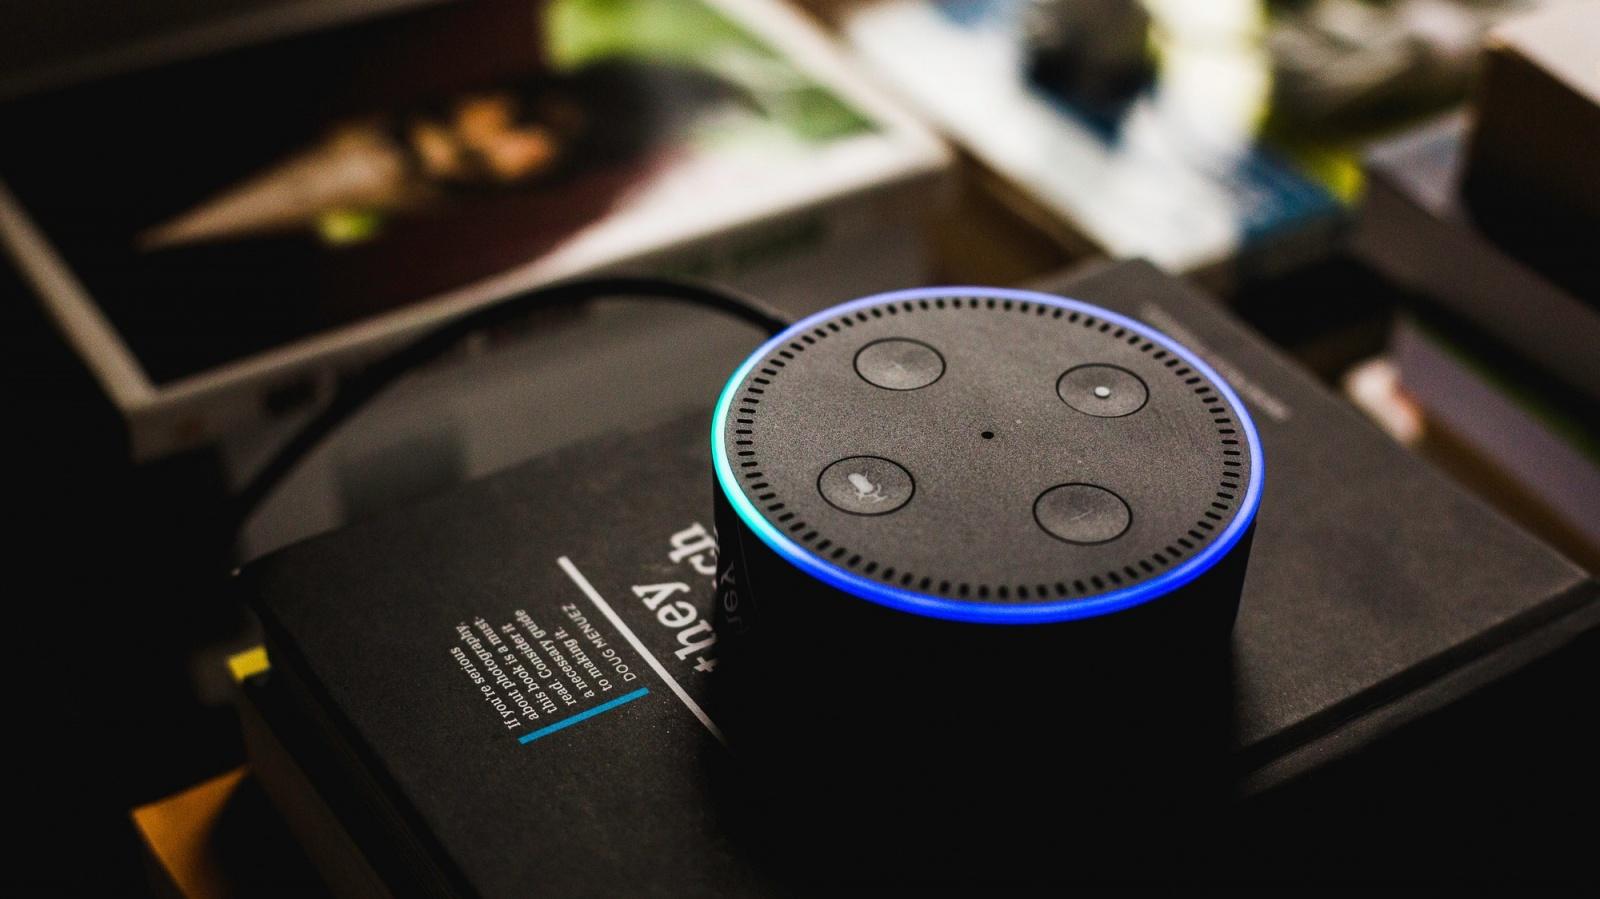 Amazon отослала 1700 аудиозаписей пользователя Alexa случайному человеку - 1